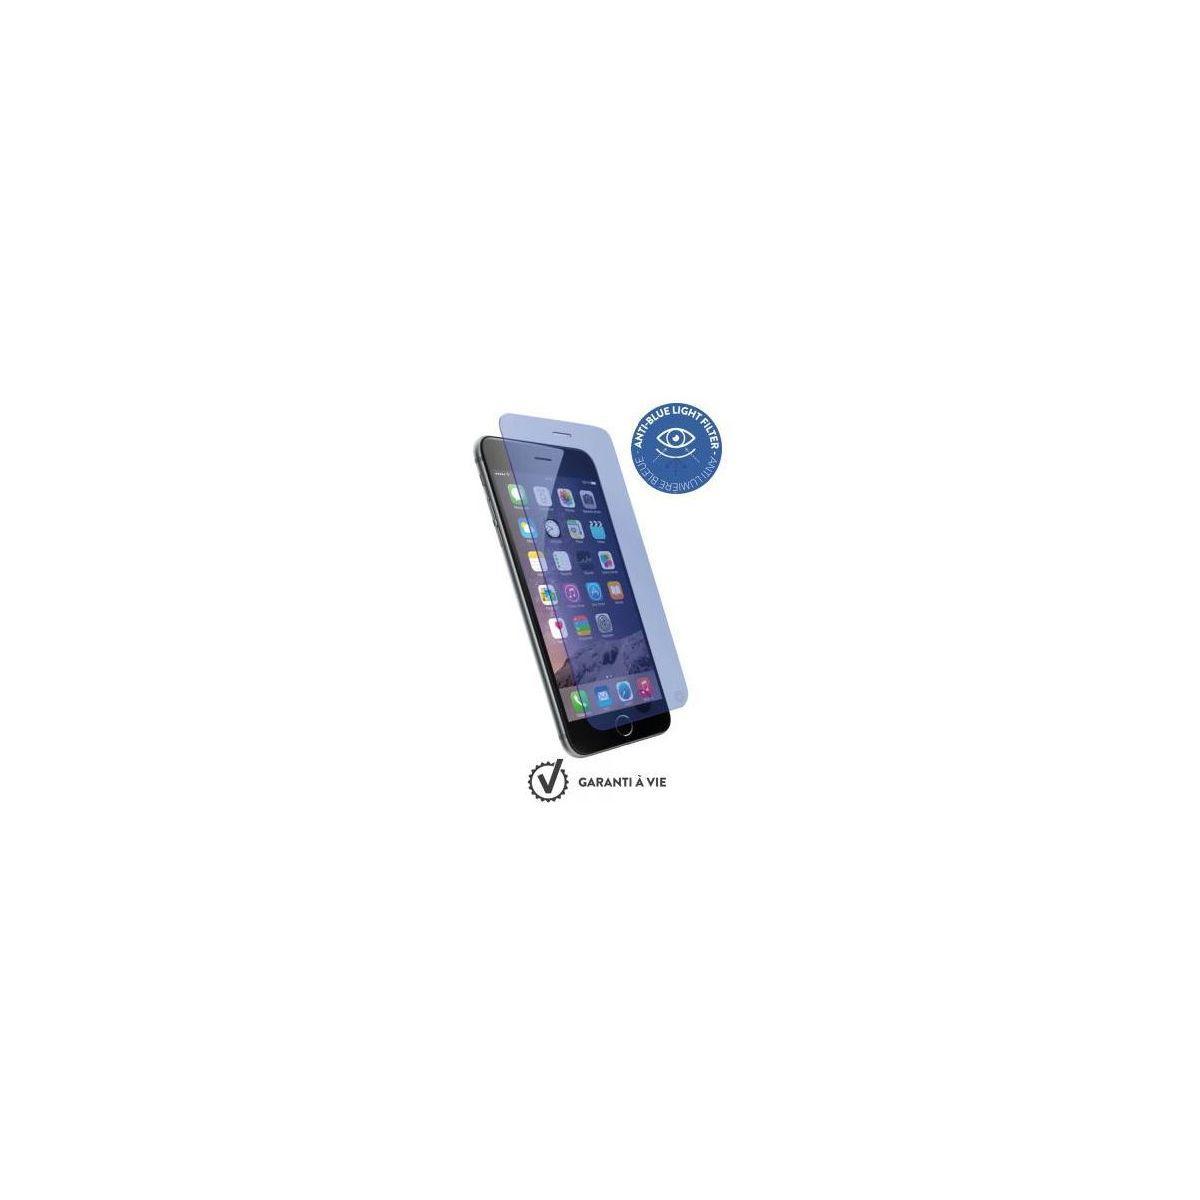 Protège écran force glass iphone 7 verre - livraison offerte avec le code nouveaute